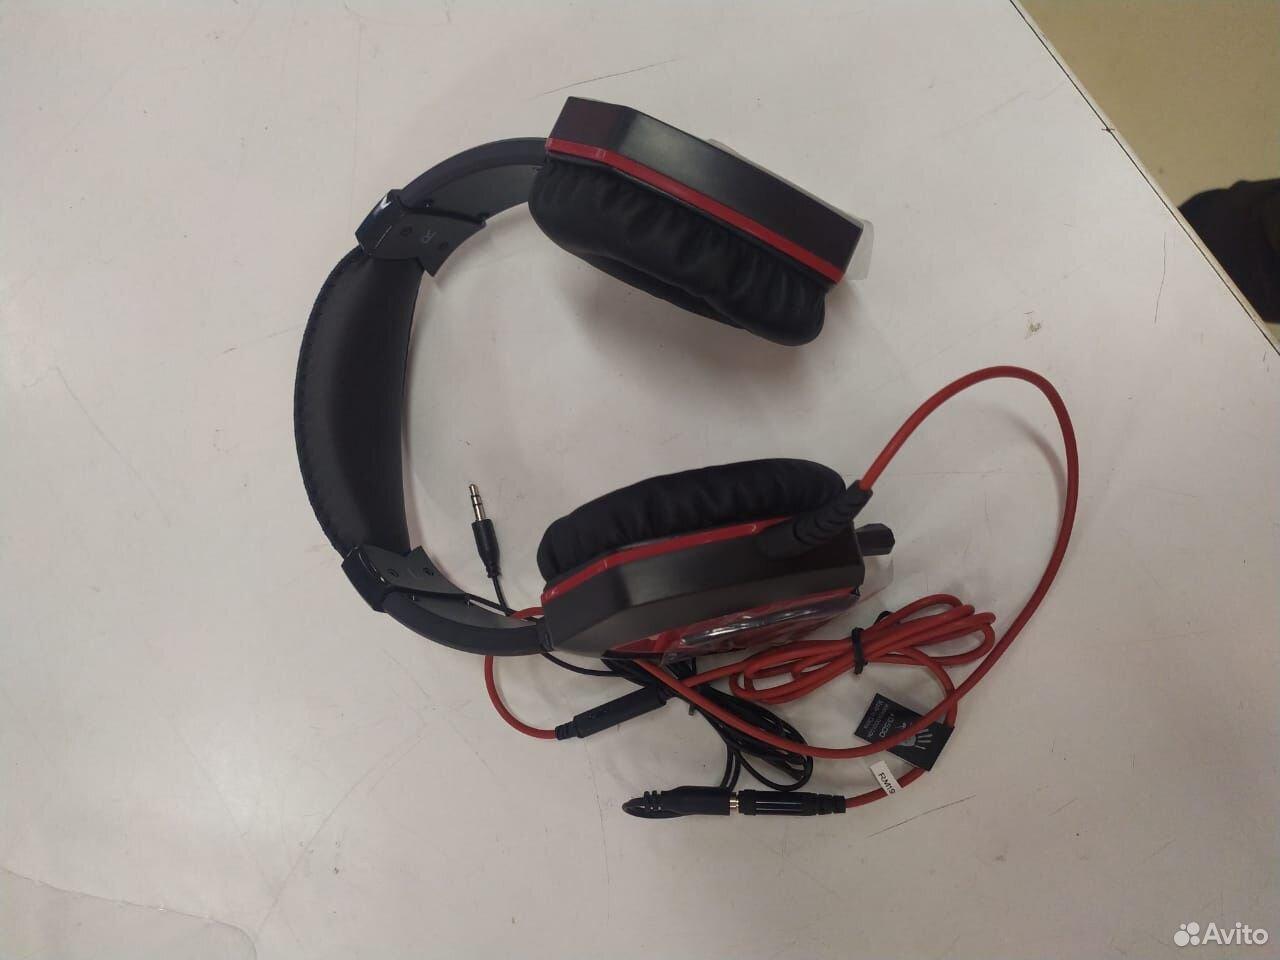 89270863062  Новый Игровой набор A4Tech Bloody Гарнитура + Мышь